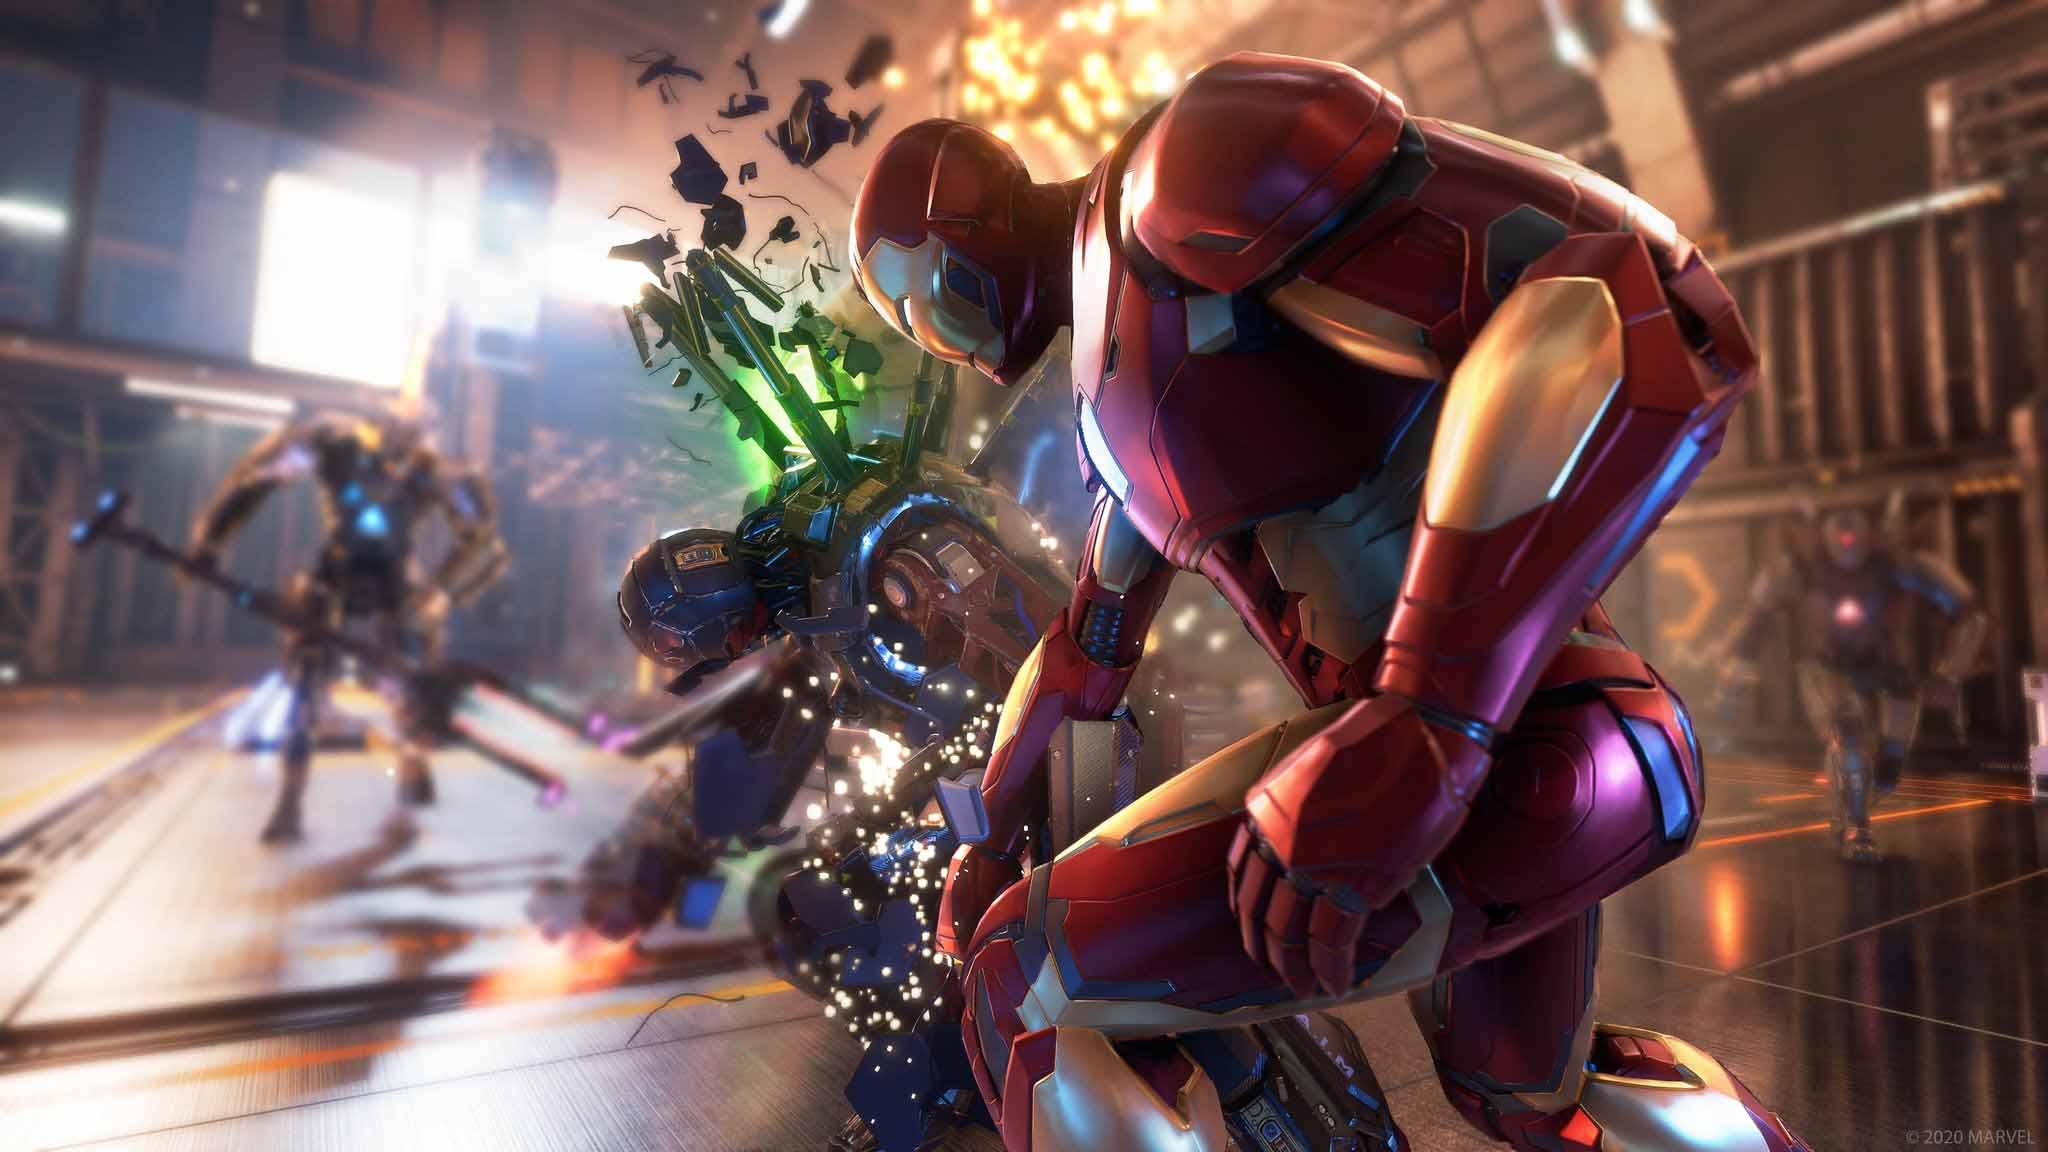 La historia de Marvel's Avengers no se verá afectada por la exclusividad de Spiderman 2